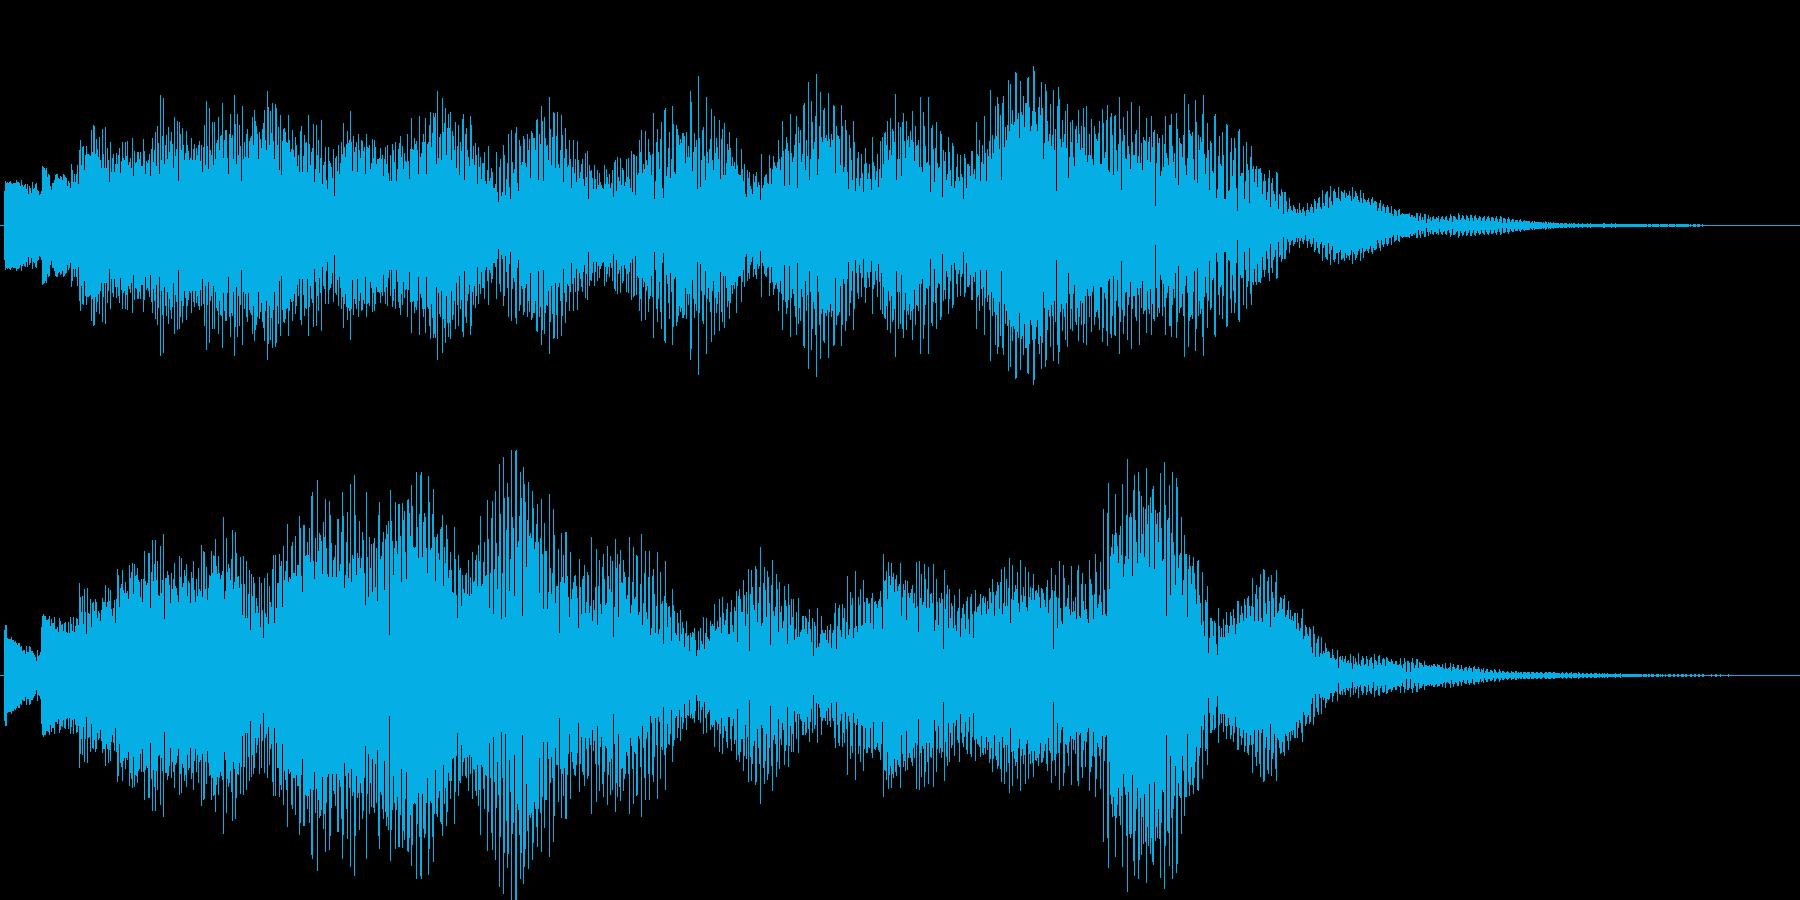 企業のサウンドロゴにピッタリなジングルの再生済みの波形